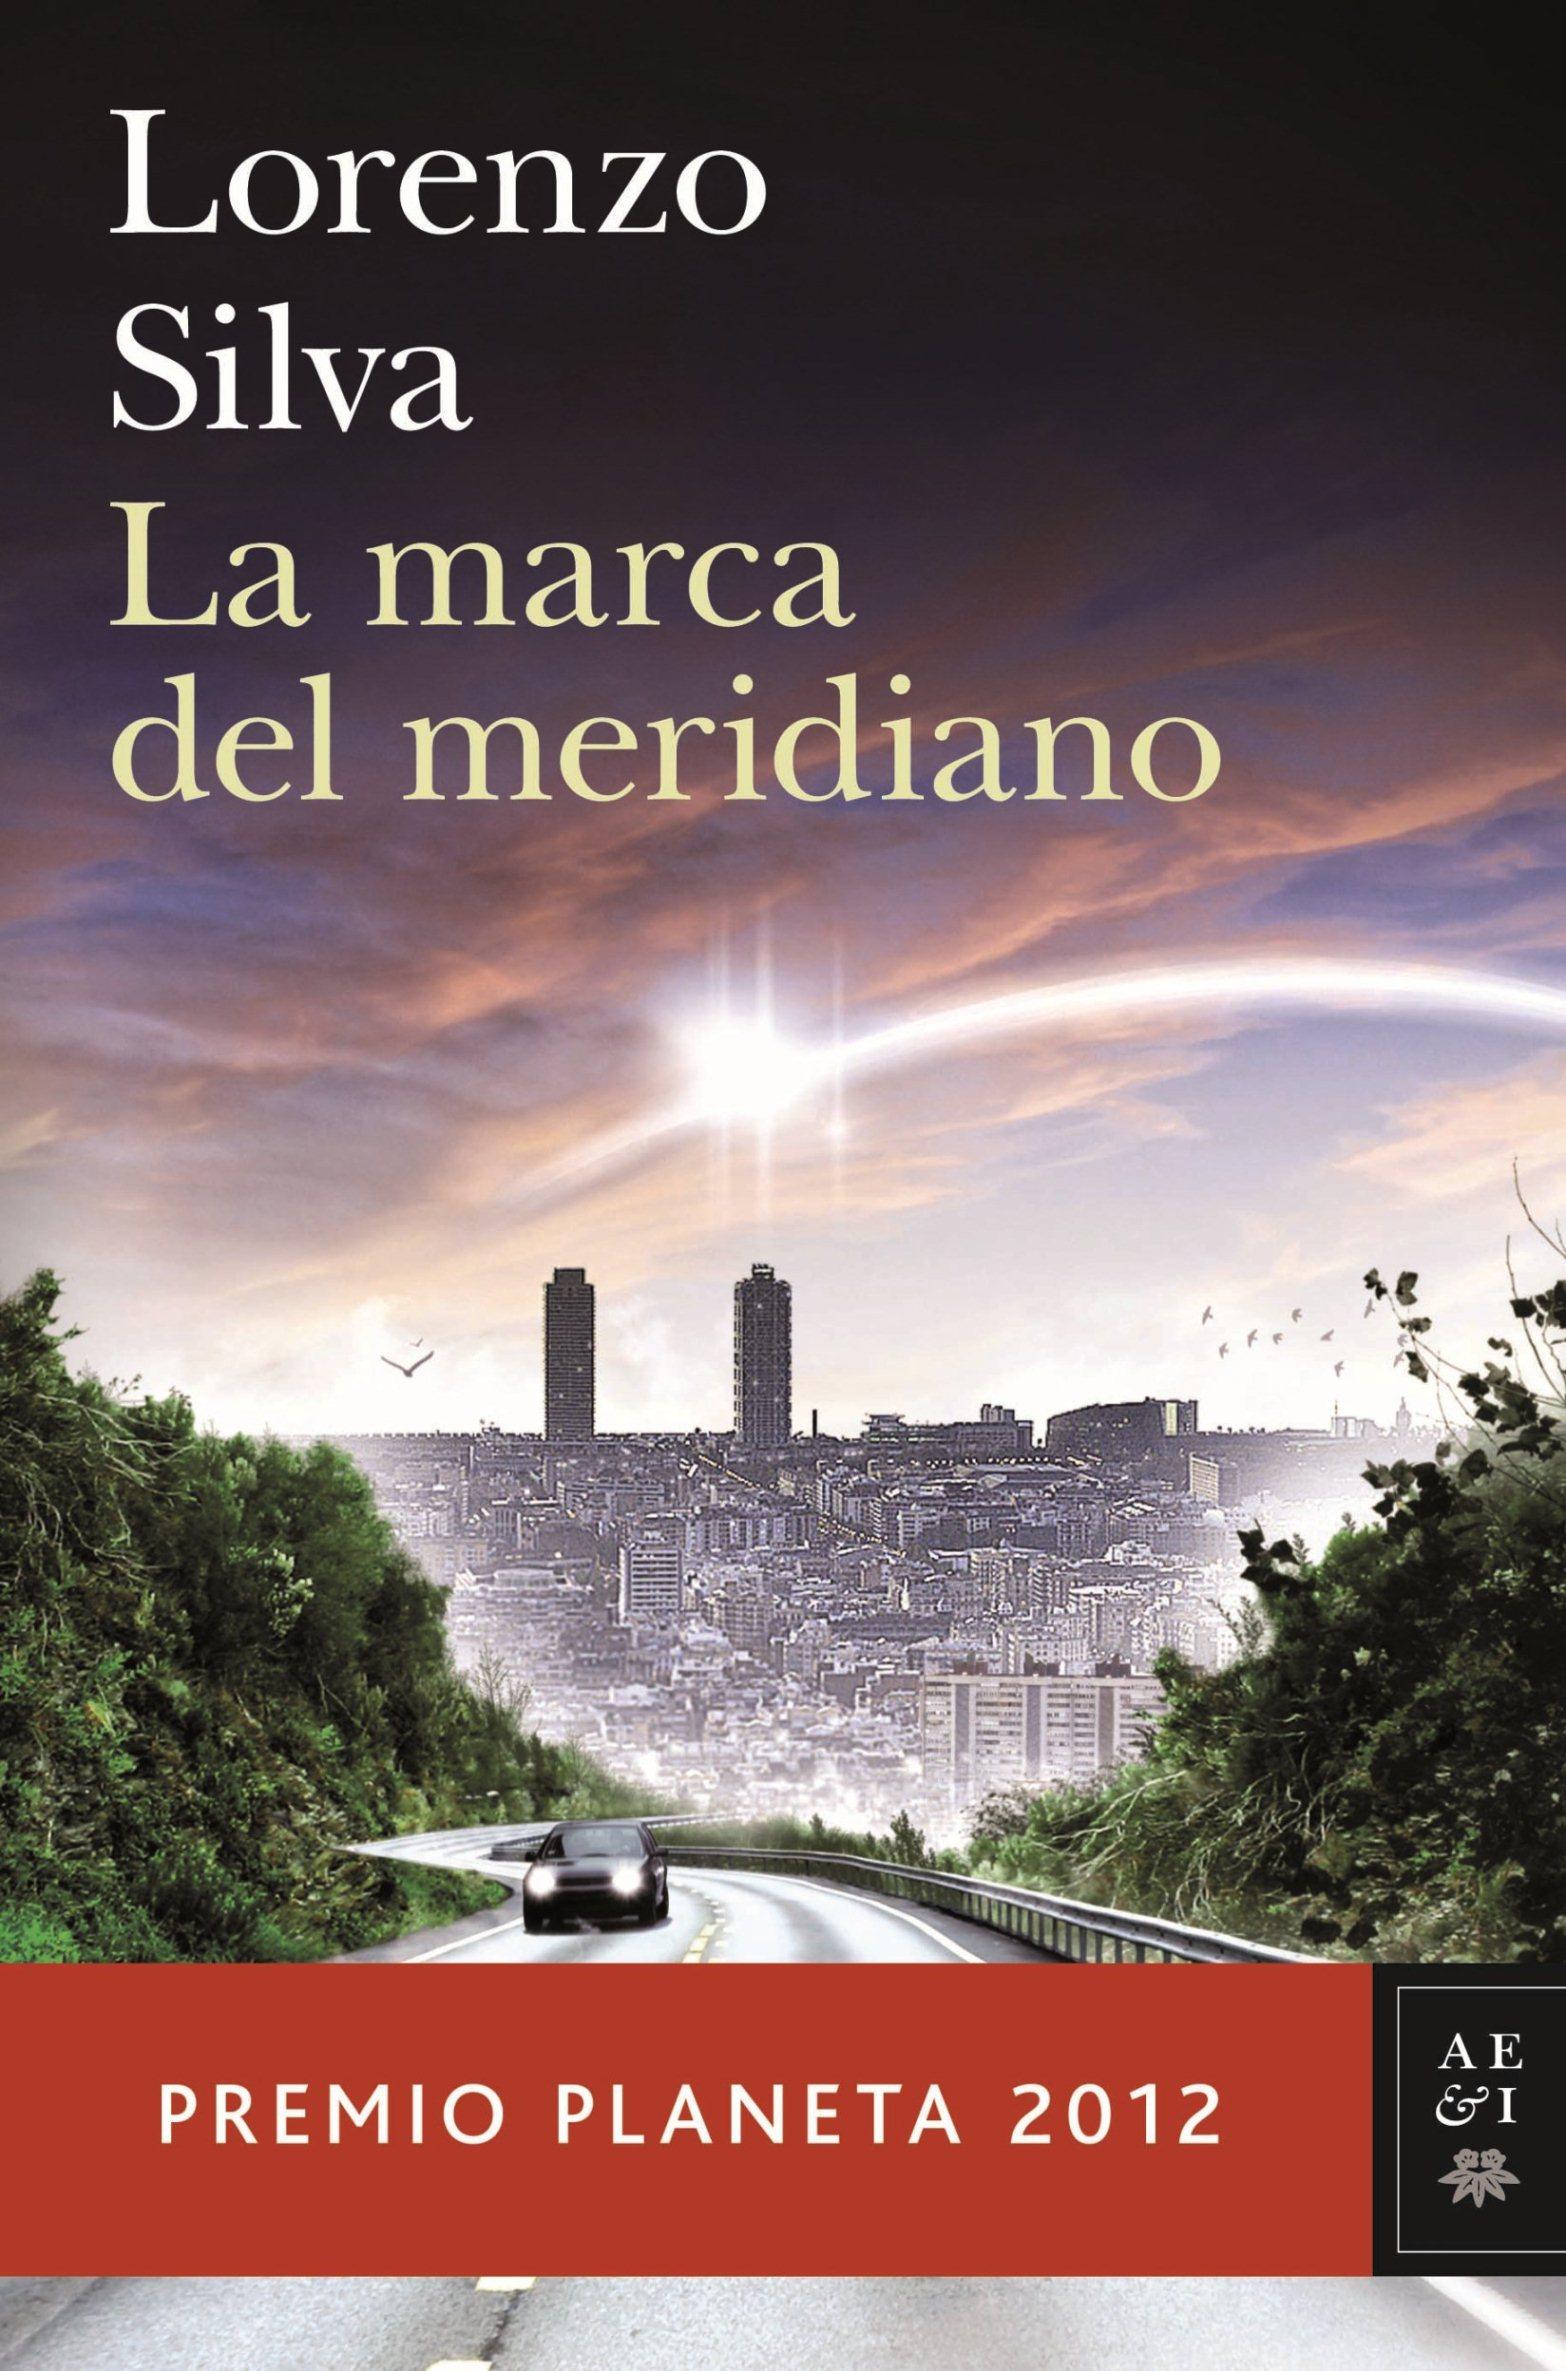 libro-la-marca-del-meridiano-lorenzo-silva